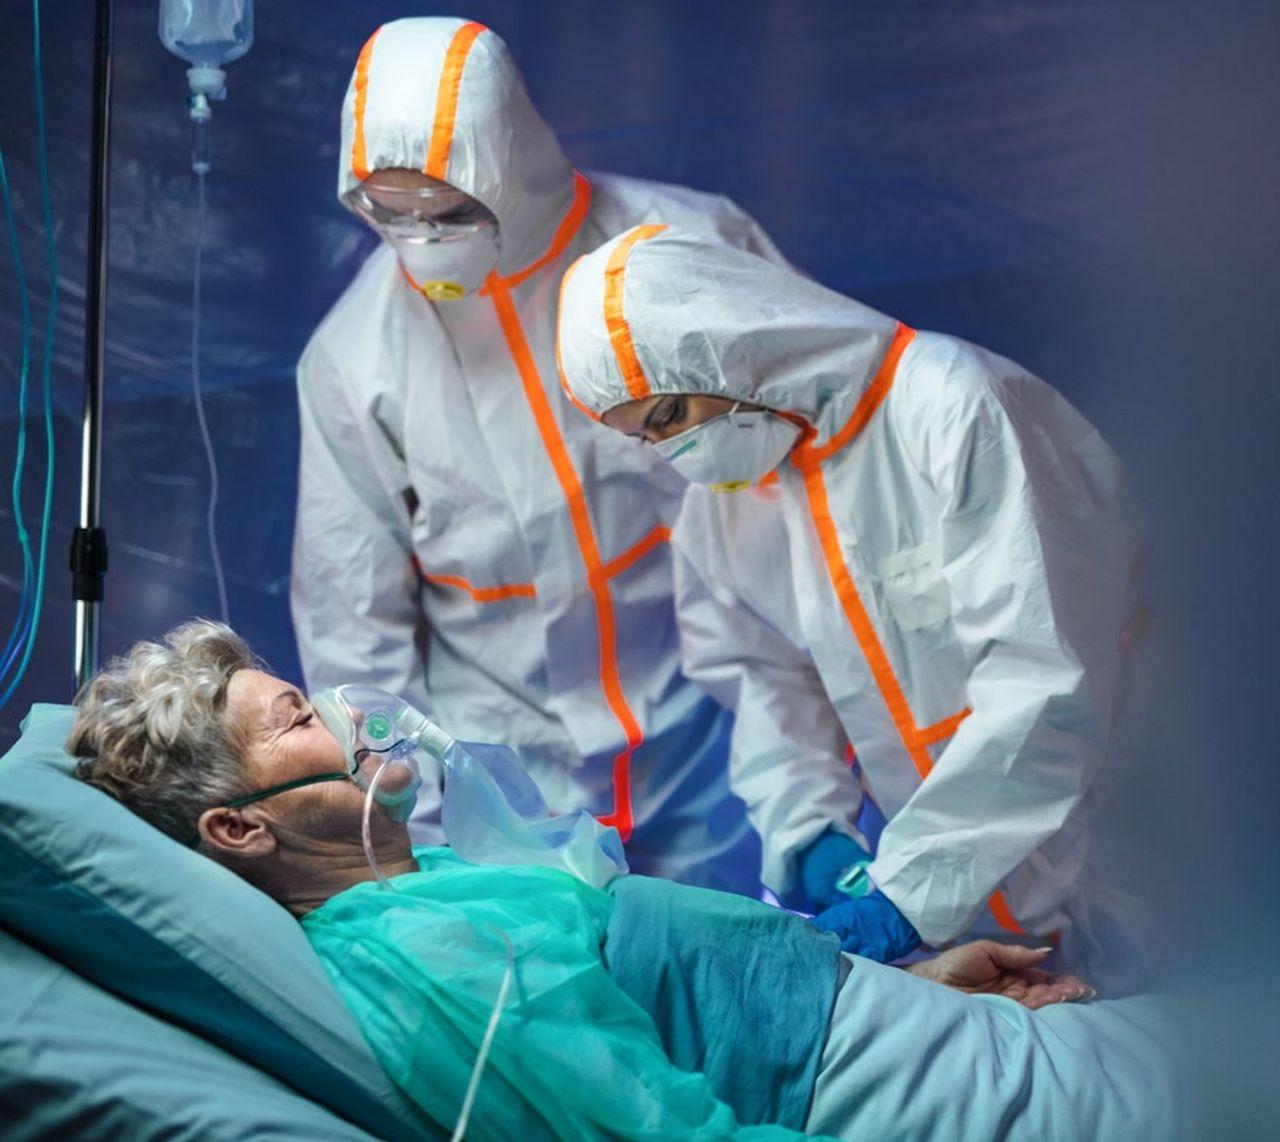 Koronawirus. Rekord zakażeń w kraju! Zmarło ponad 500 osób! - Zdjęcie główne